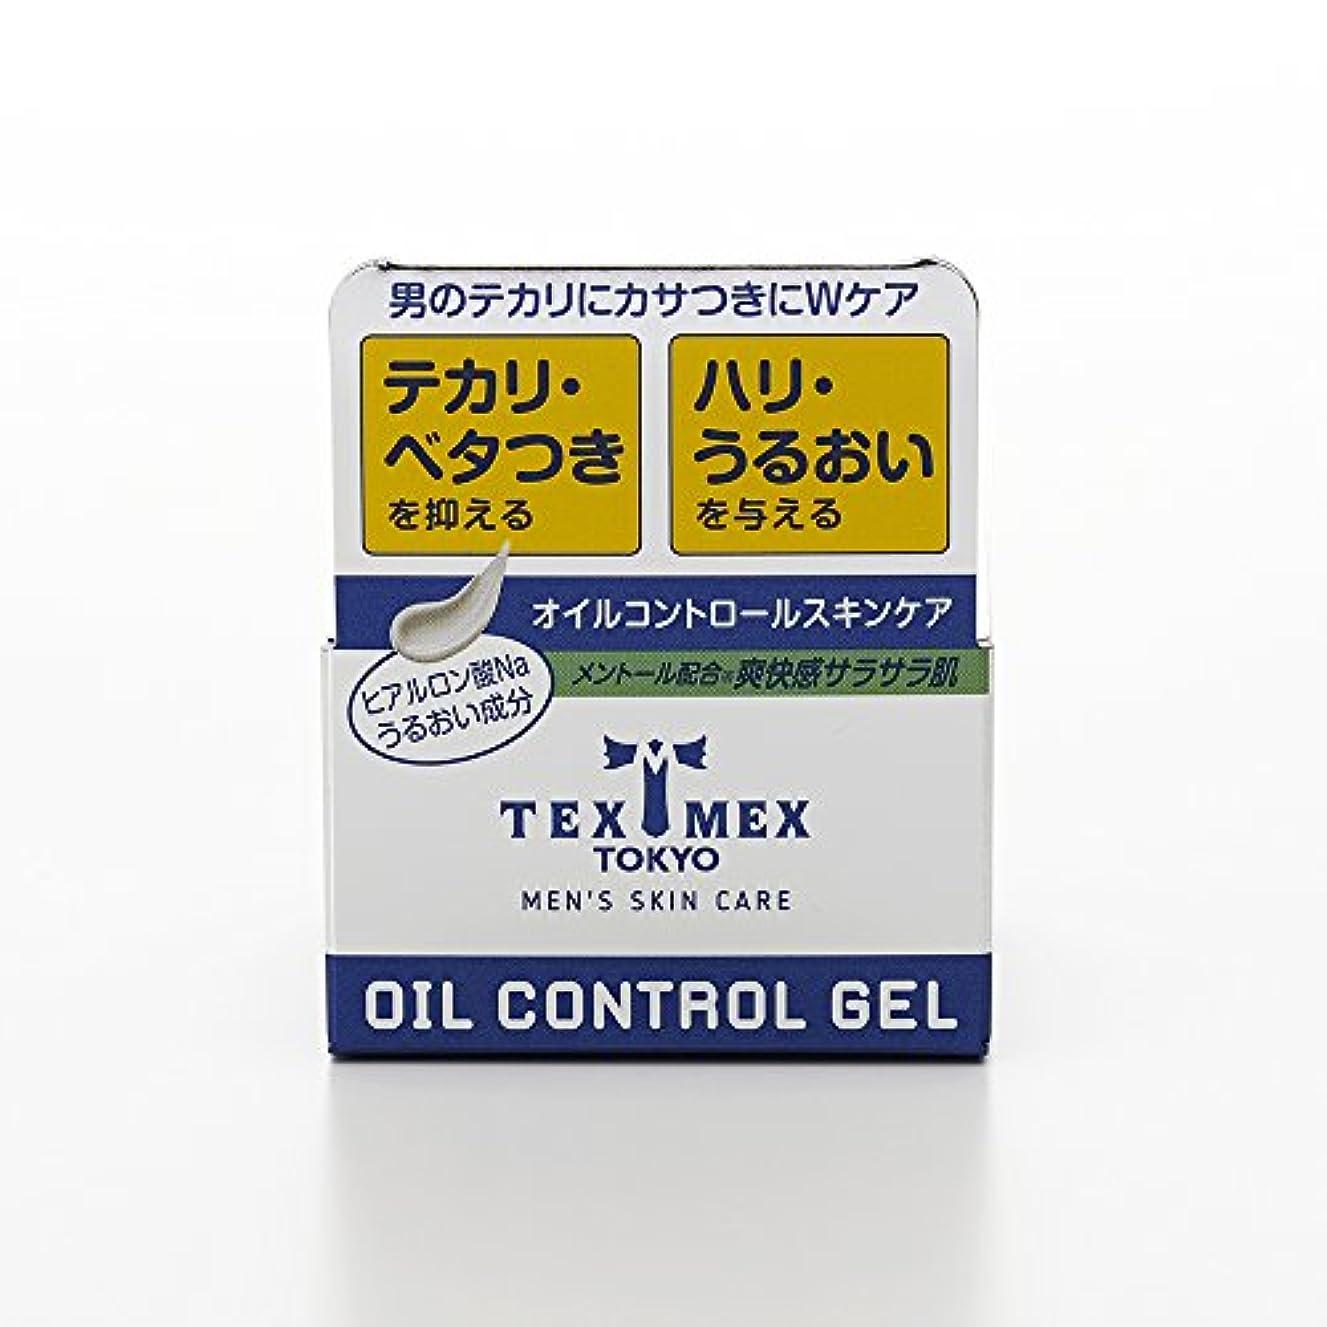 明らかにブランク自転車テックスメックス オイルコントロールジェル 24g (テカリ防止ジェル) 【塗るだけでサラサラ肌に】